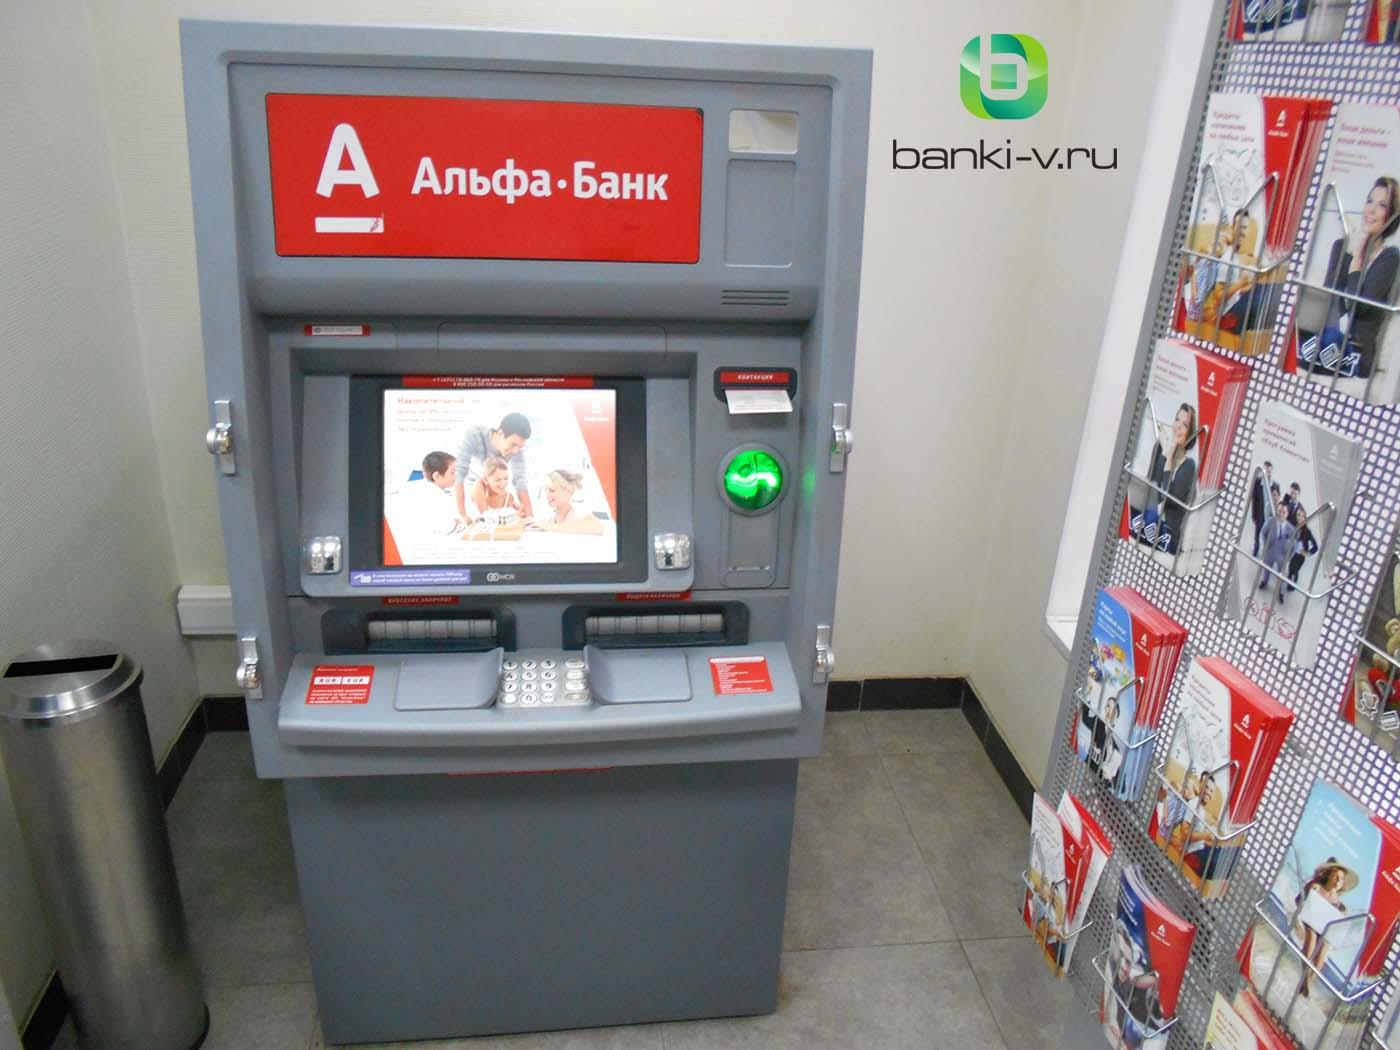 Где находится терминалы альфа банка